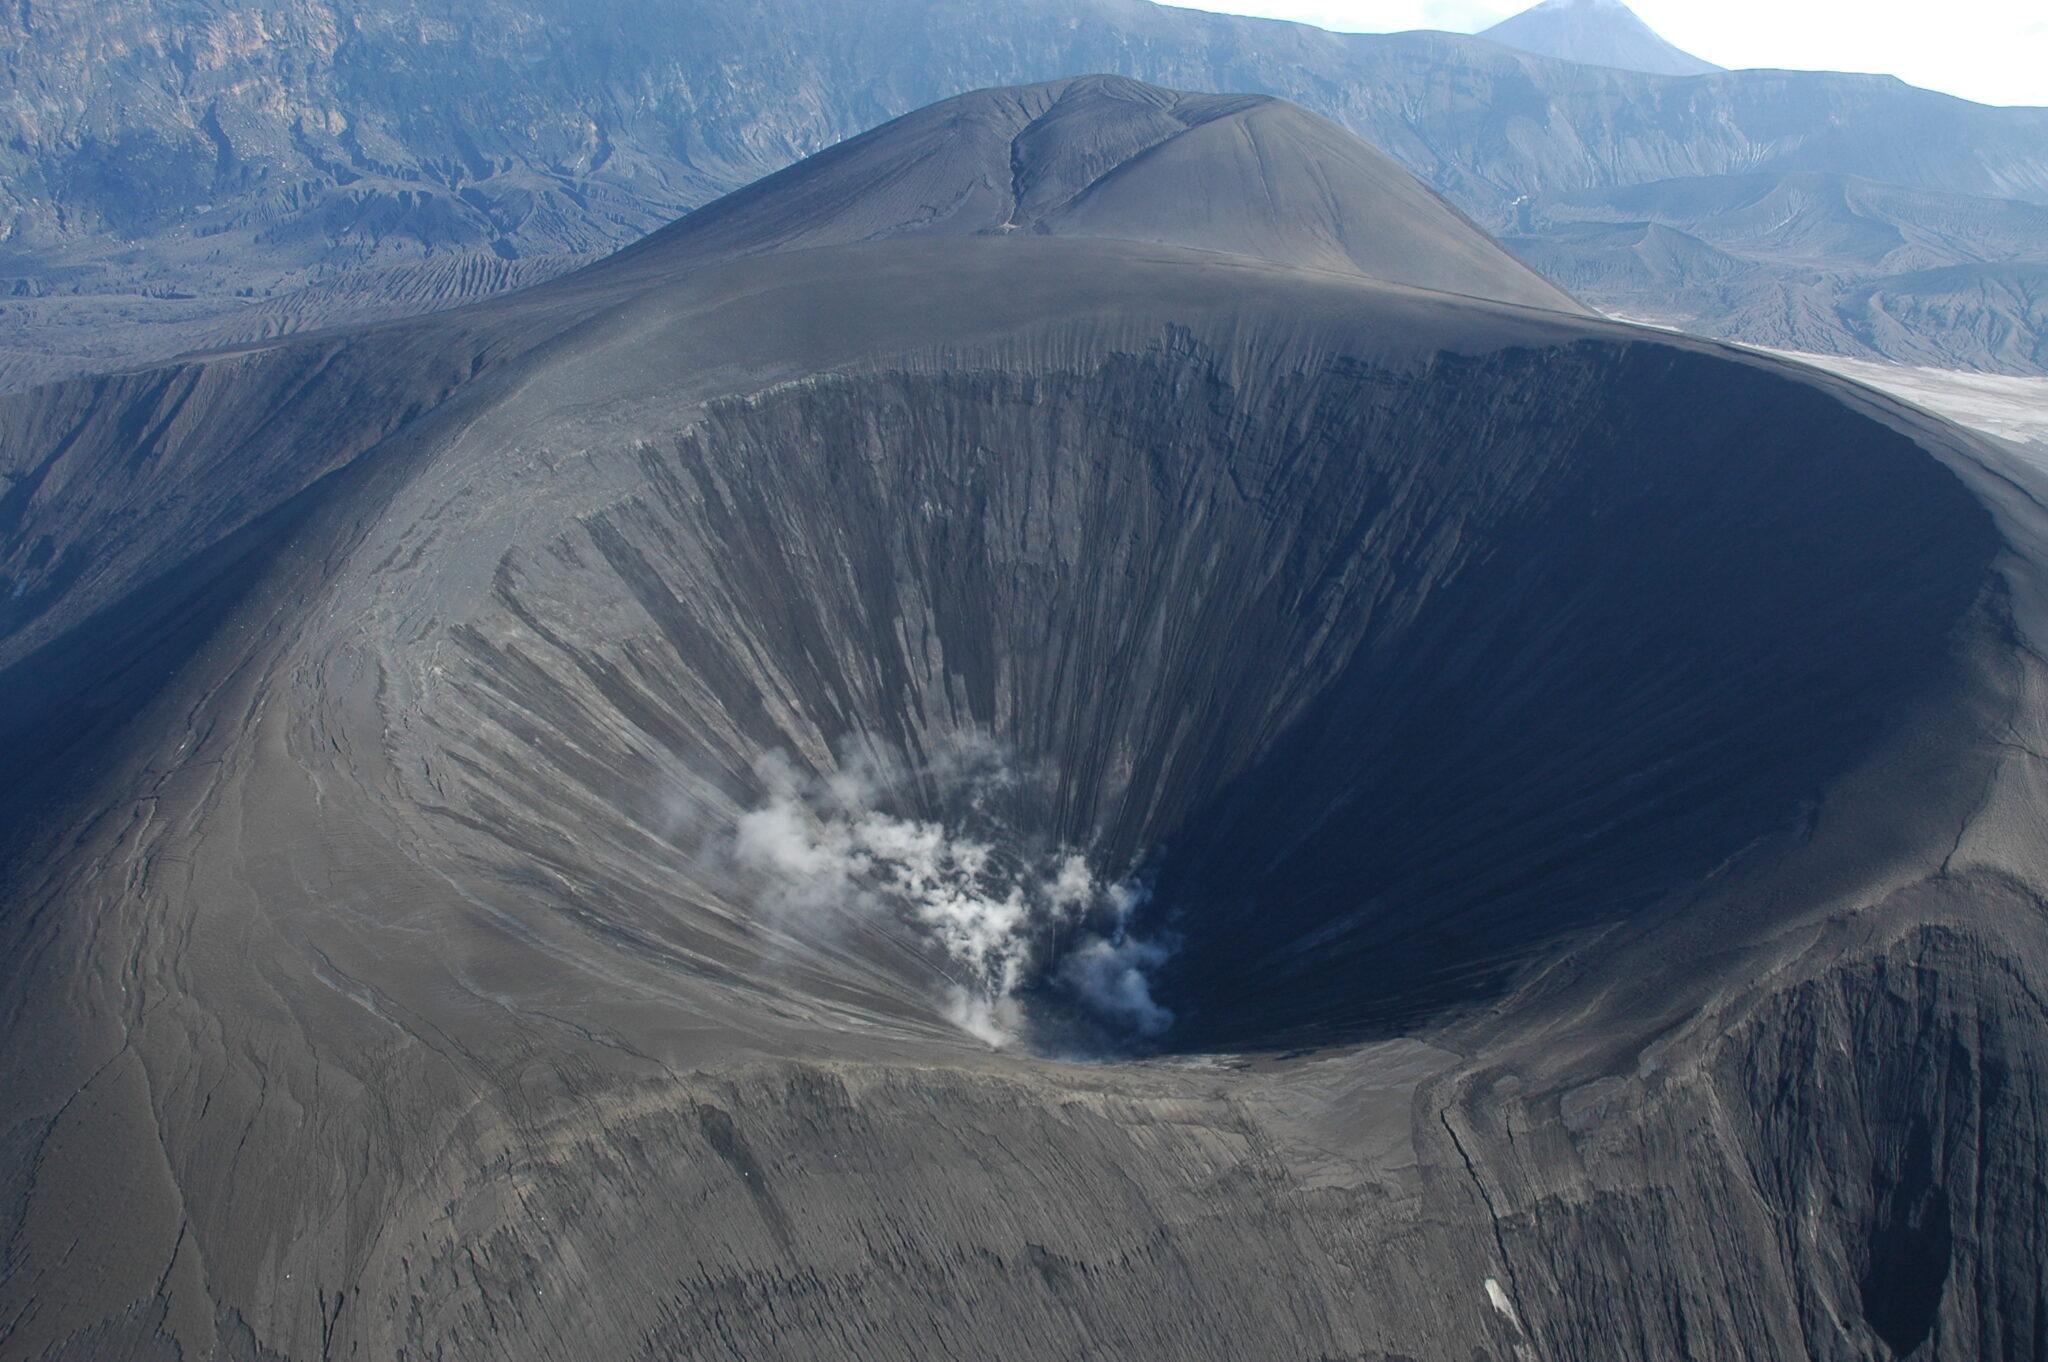 ein neuer Krater des Vulkans Okomok in Alaska. Er ist dunkelgrau und es steigen kleine Rauchwölkchen auf